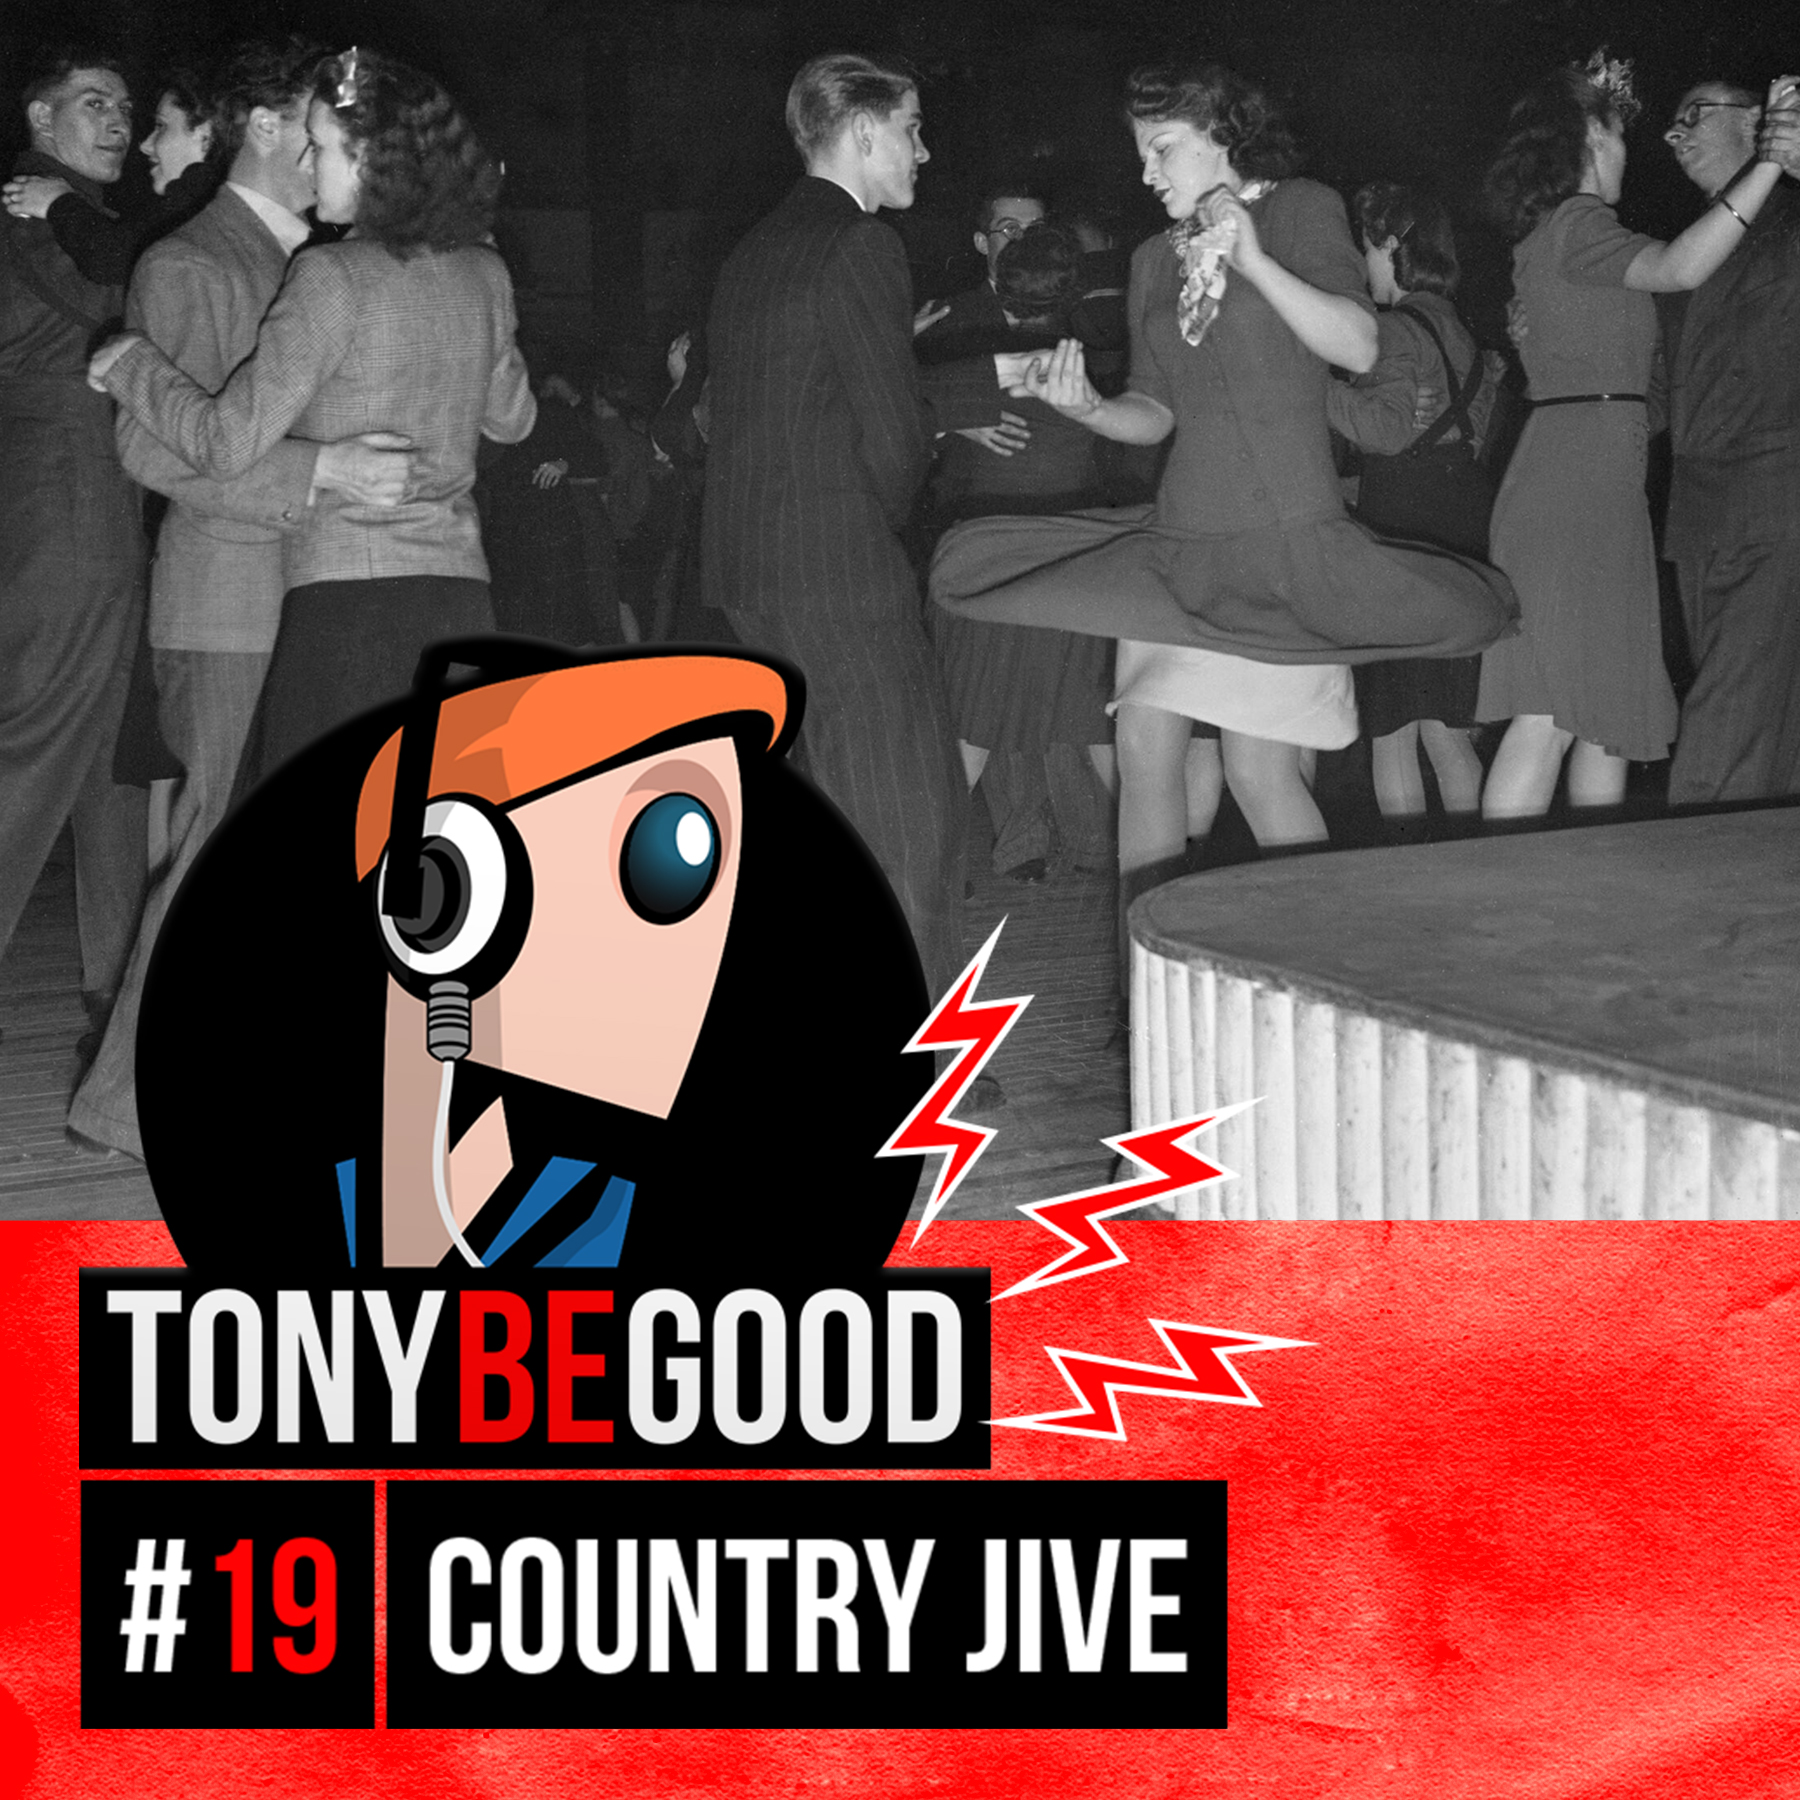 Tony Be Good - épisode - 19 - Country Jive